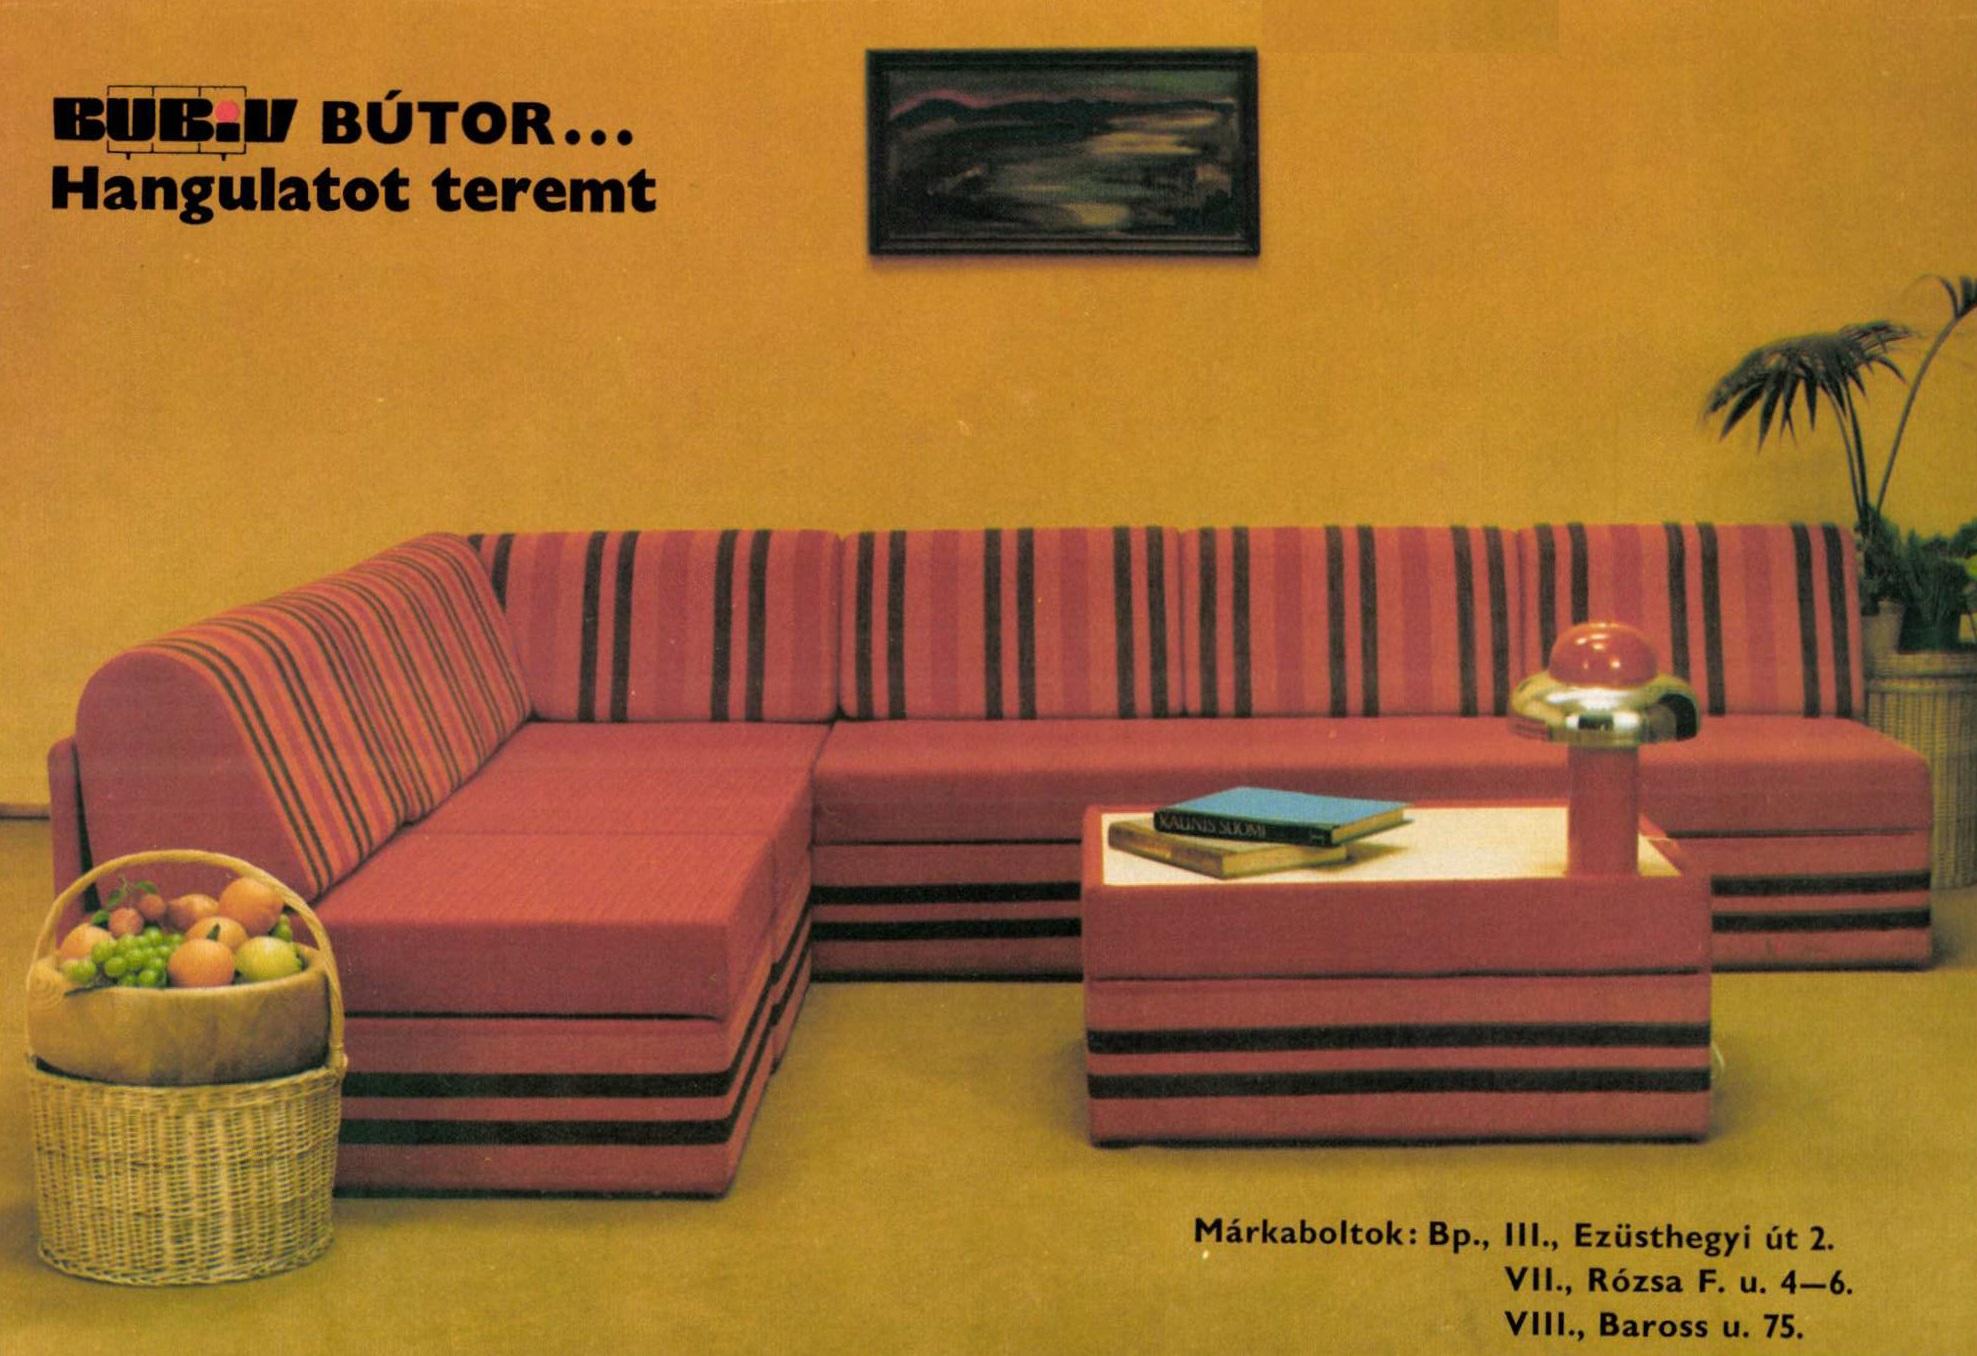 idokapszula_nb_i_1983_84_tavaszi_zaras_merlegen_az_alsohaz_reklam_1.jpg